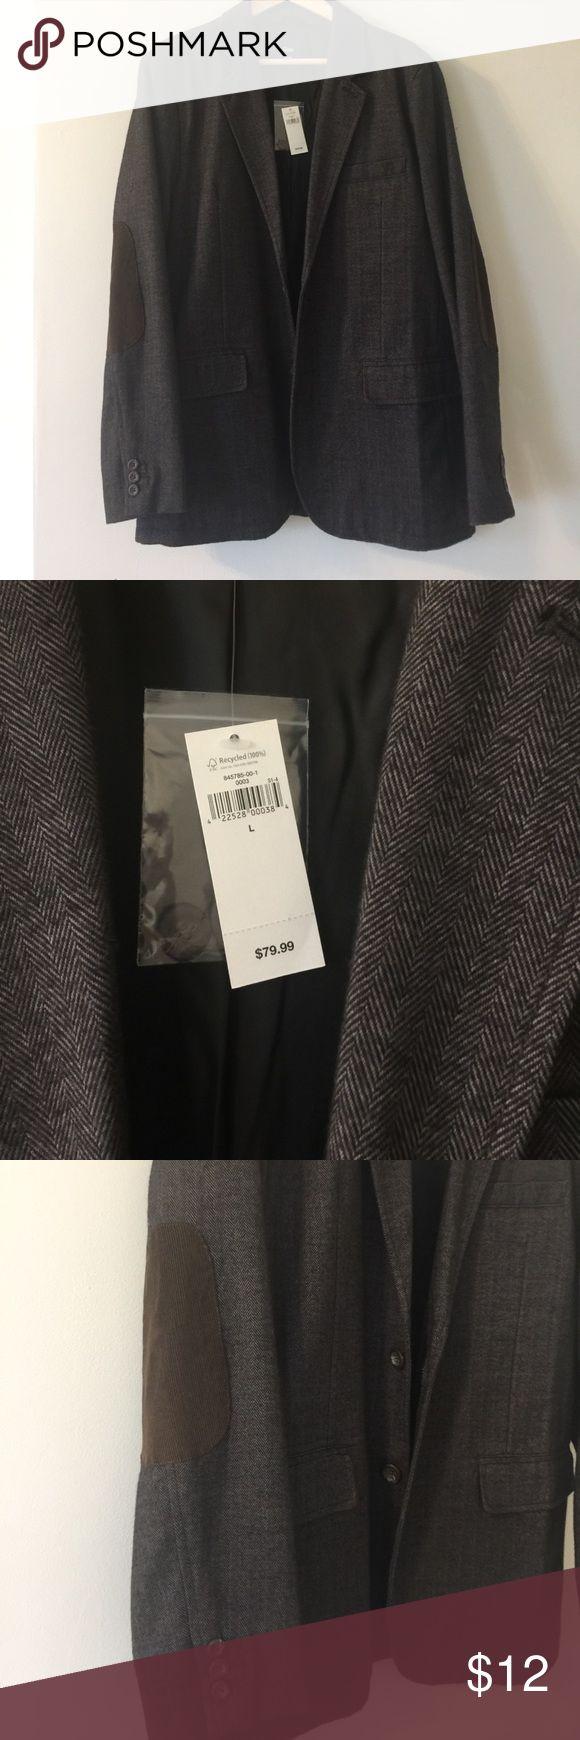 Men's sports jacket Dark grey herringbone stitch with elbow pads GAP Suits & Blazers Sport Coats & Blazers